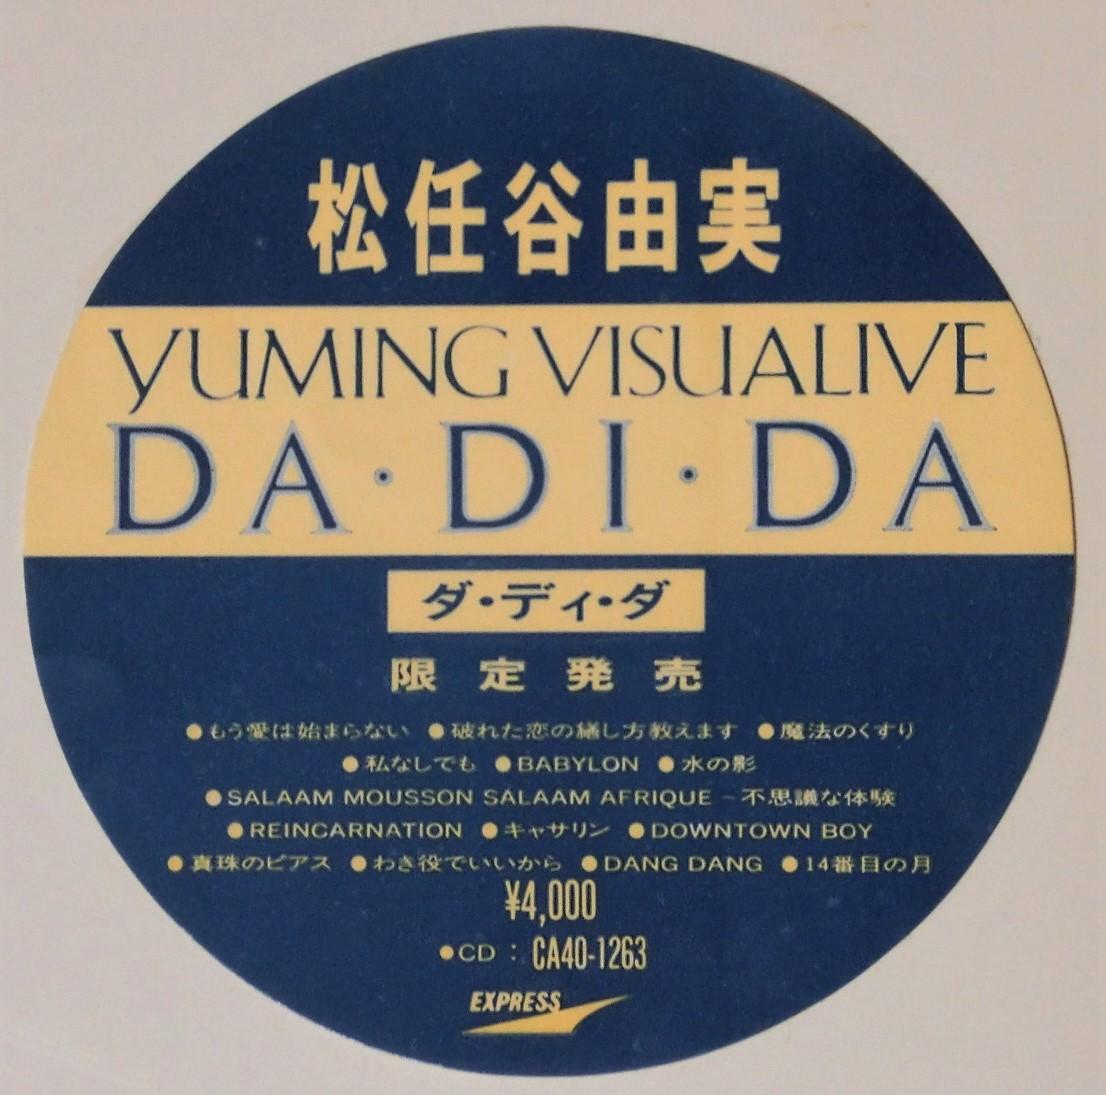 【パンフ&ケース付】松任谷由実 CD 『YUMING VISUALIVE DA・DI・DA / ダ・ディ・ダ』 限定盤_画像2